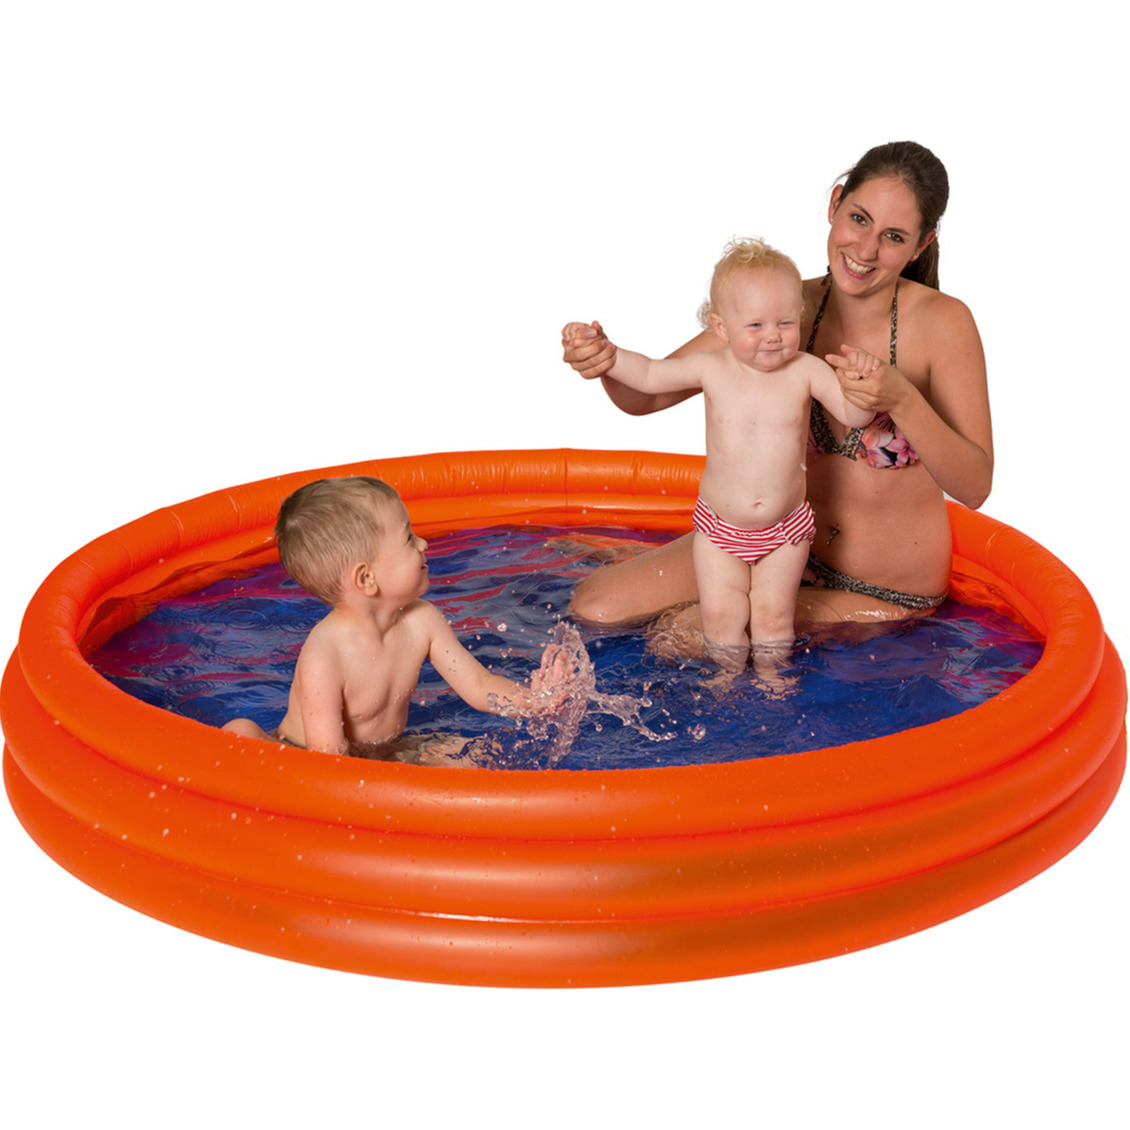 Opblaasbadje rond oranje voor kinderen 175 x 31 cm -